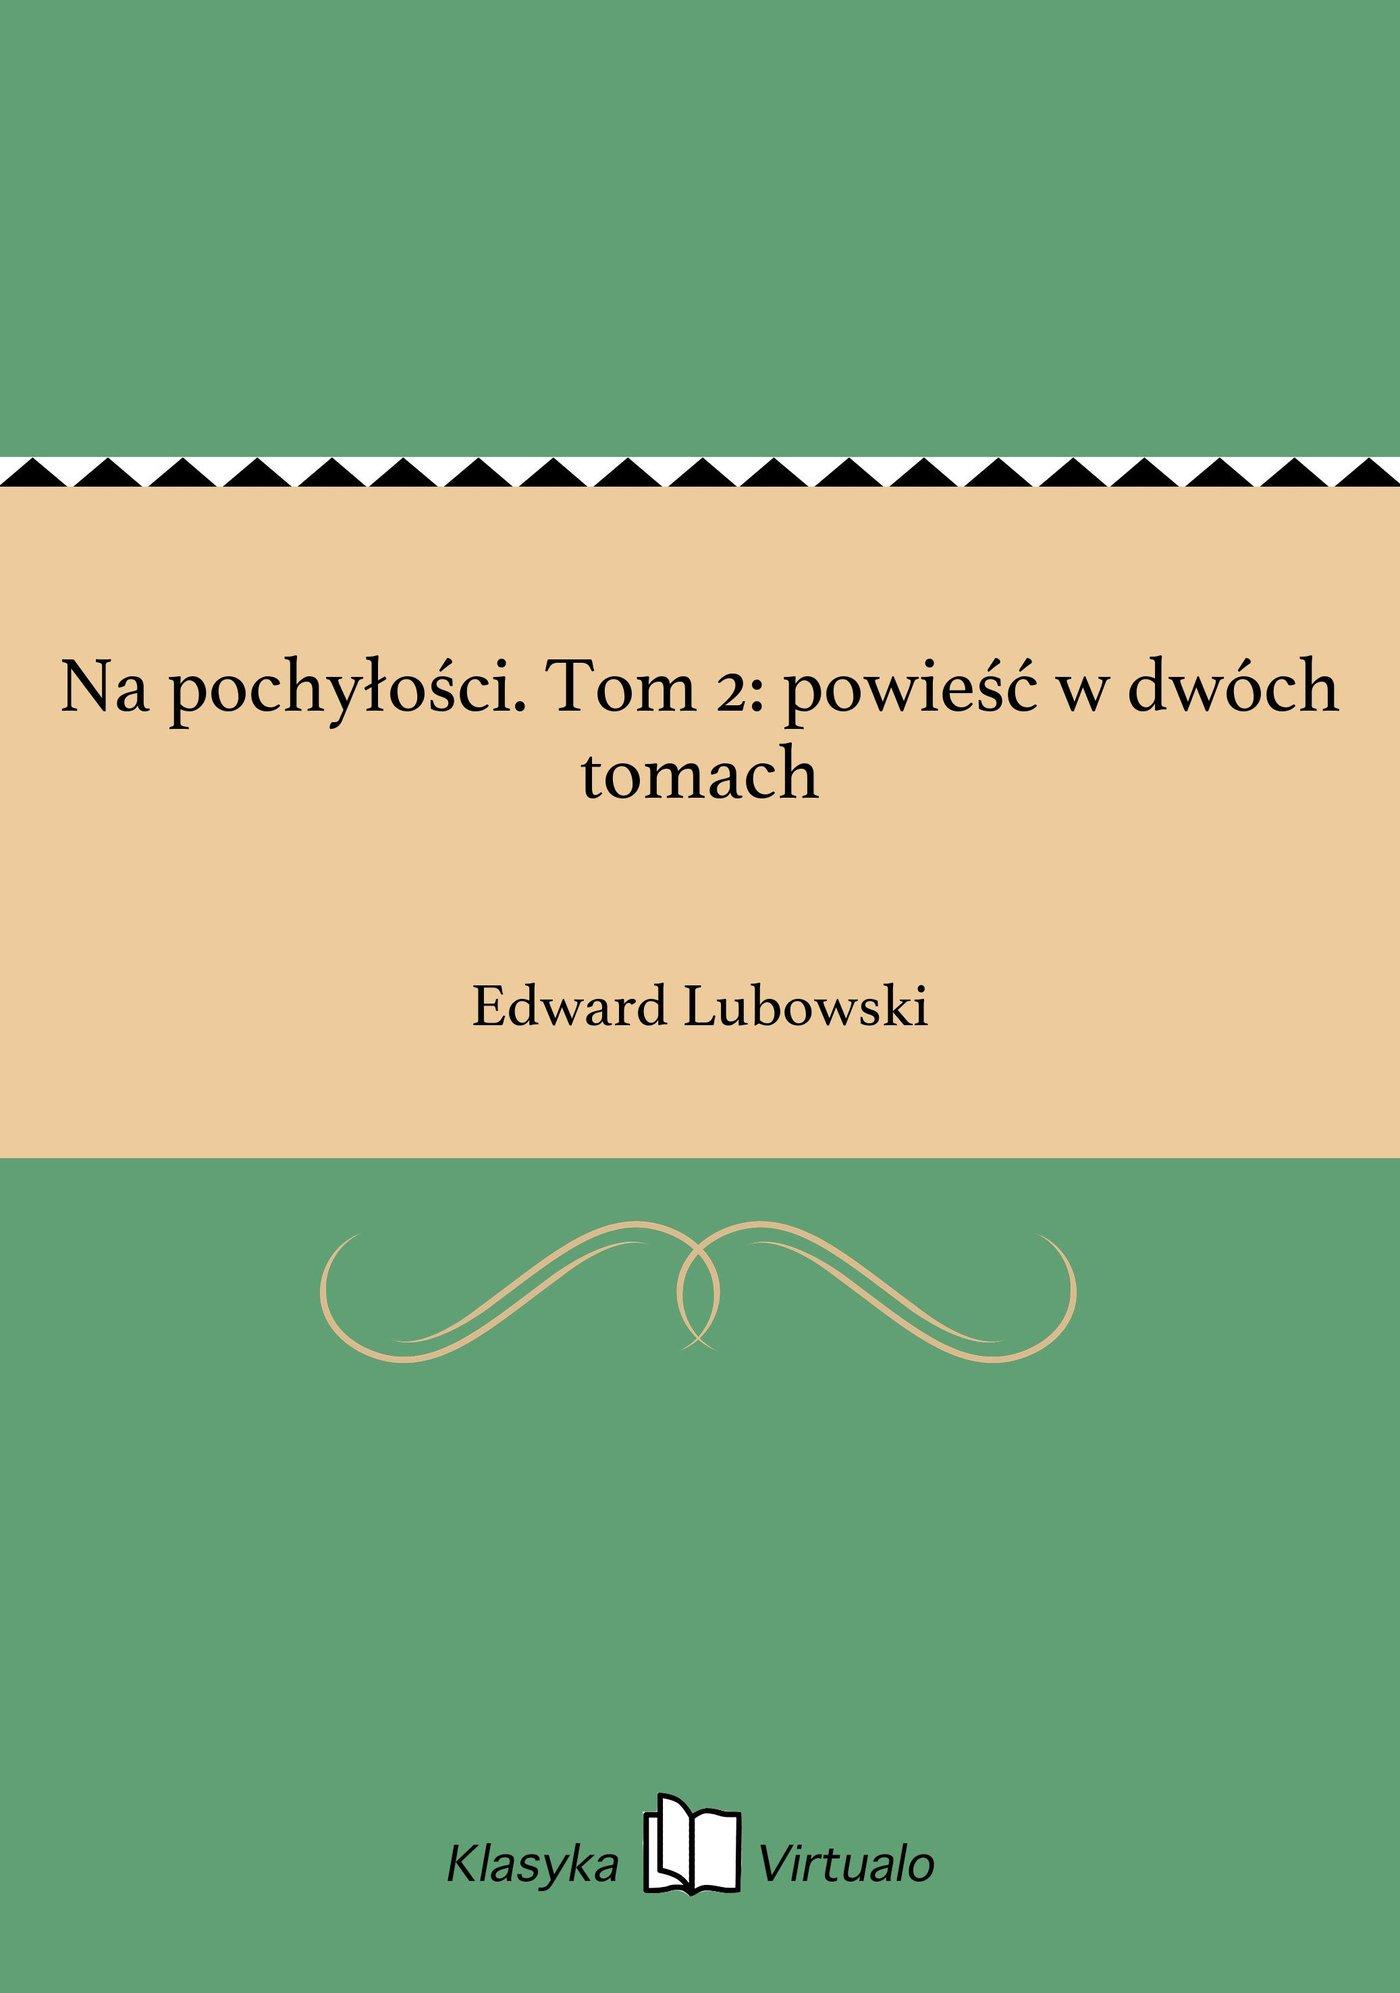 Na pochyłości. Tom 2: powieść w dwóch tomach - Ebook (Książka na Kindle) do pobrania w formacie MOBI